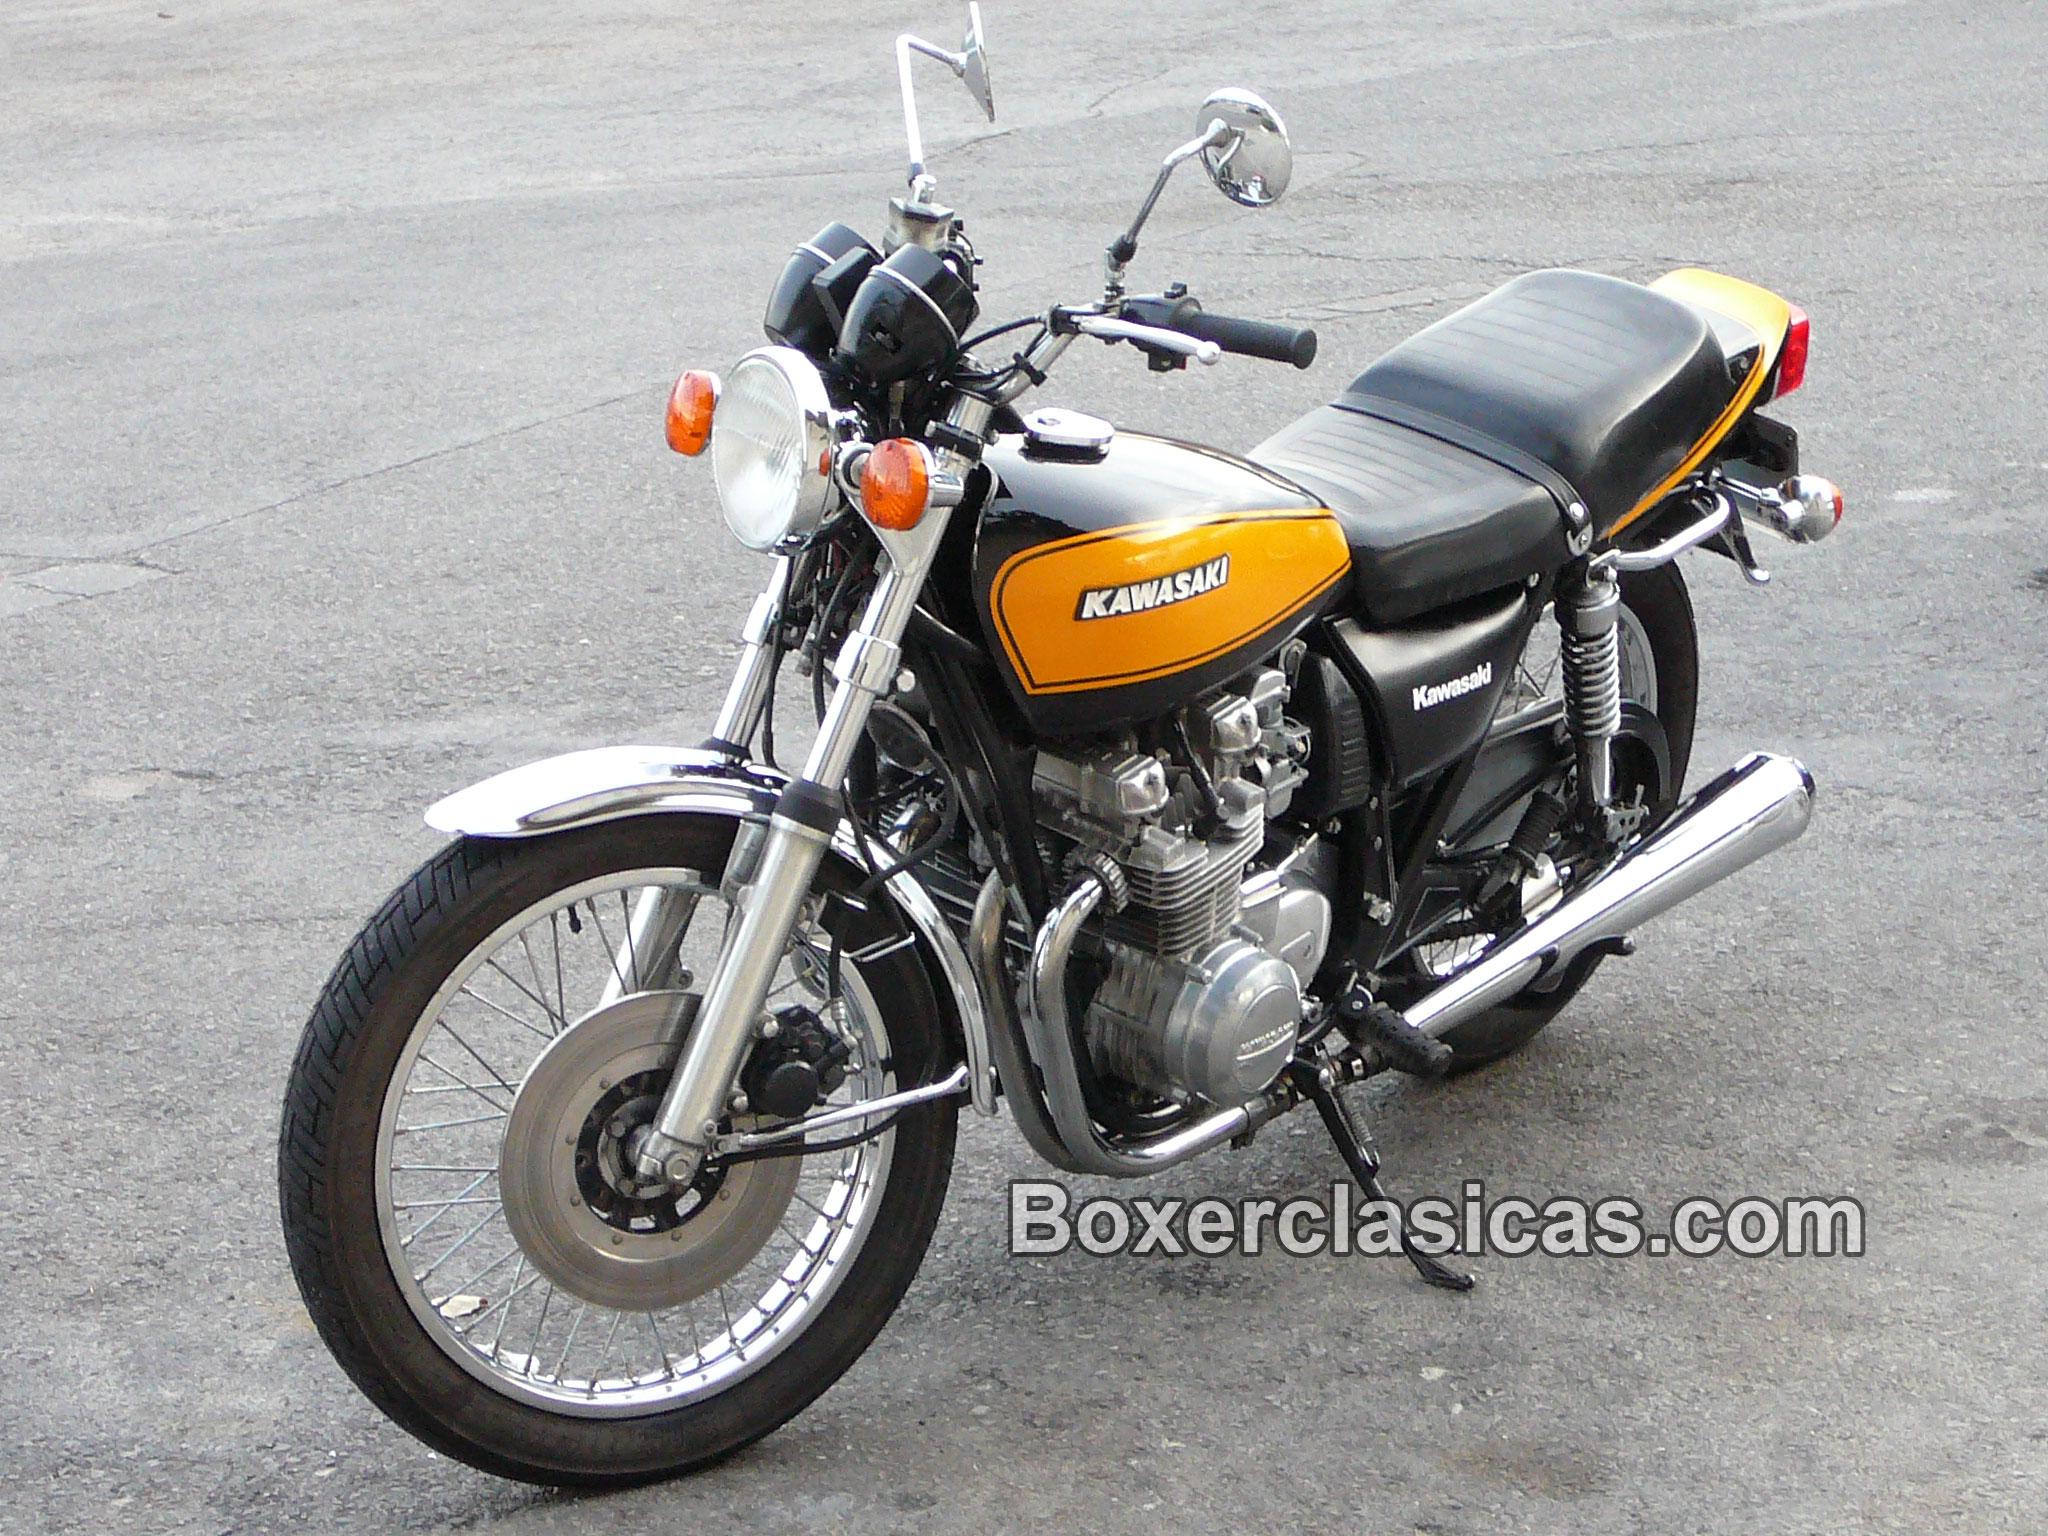 Moto Clásica Kawasaki